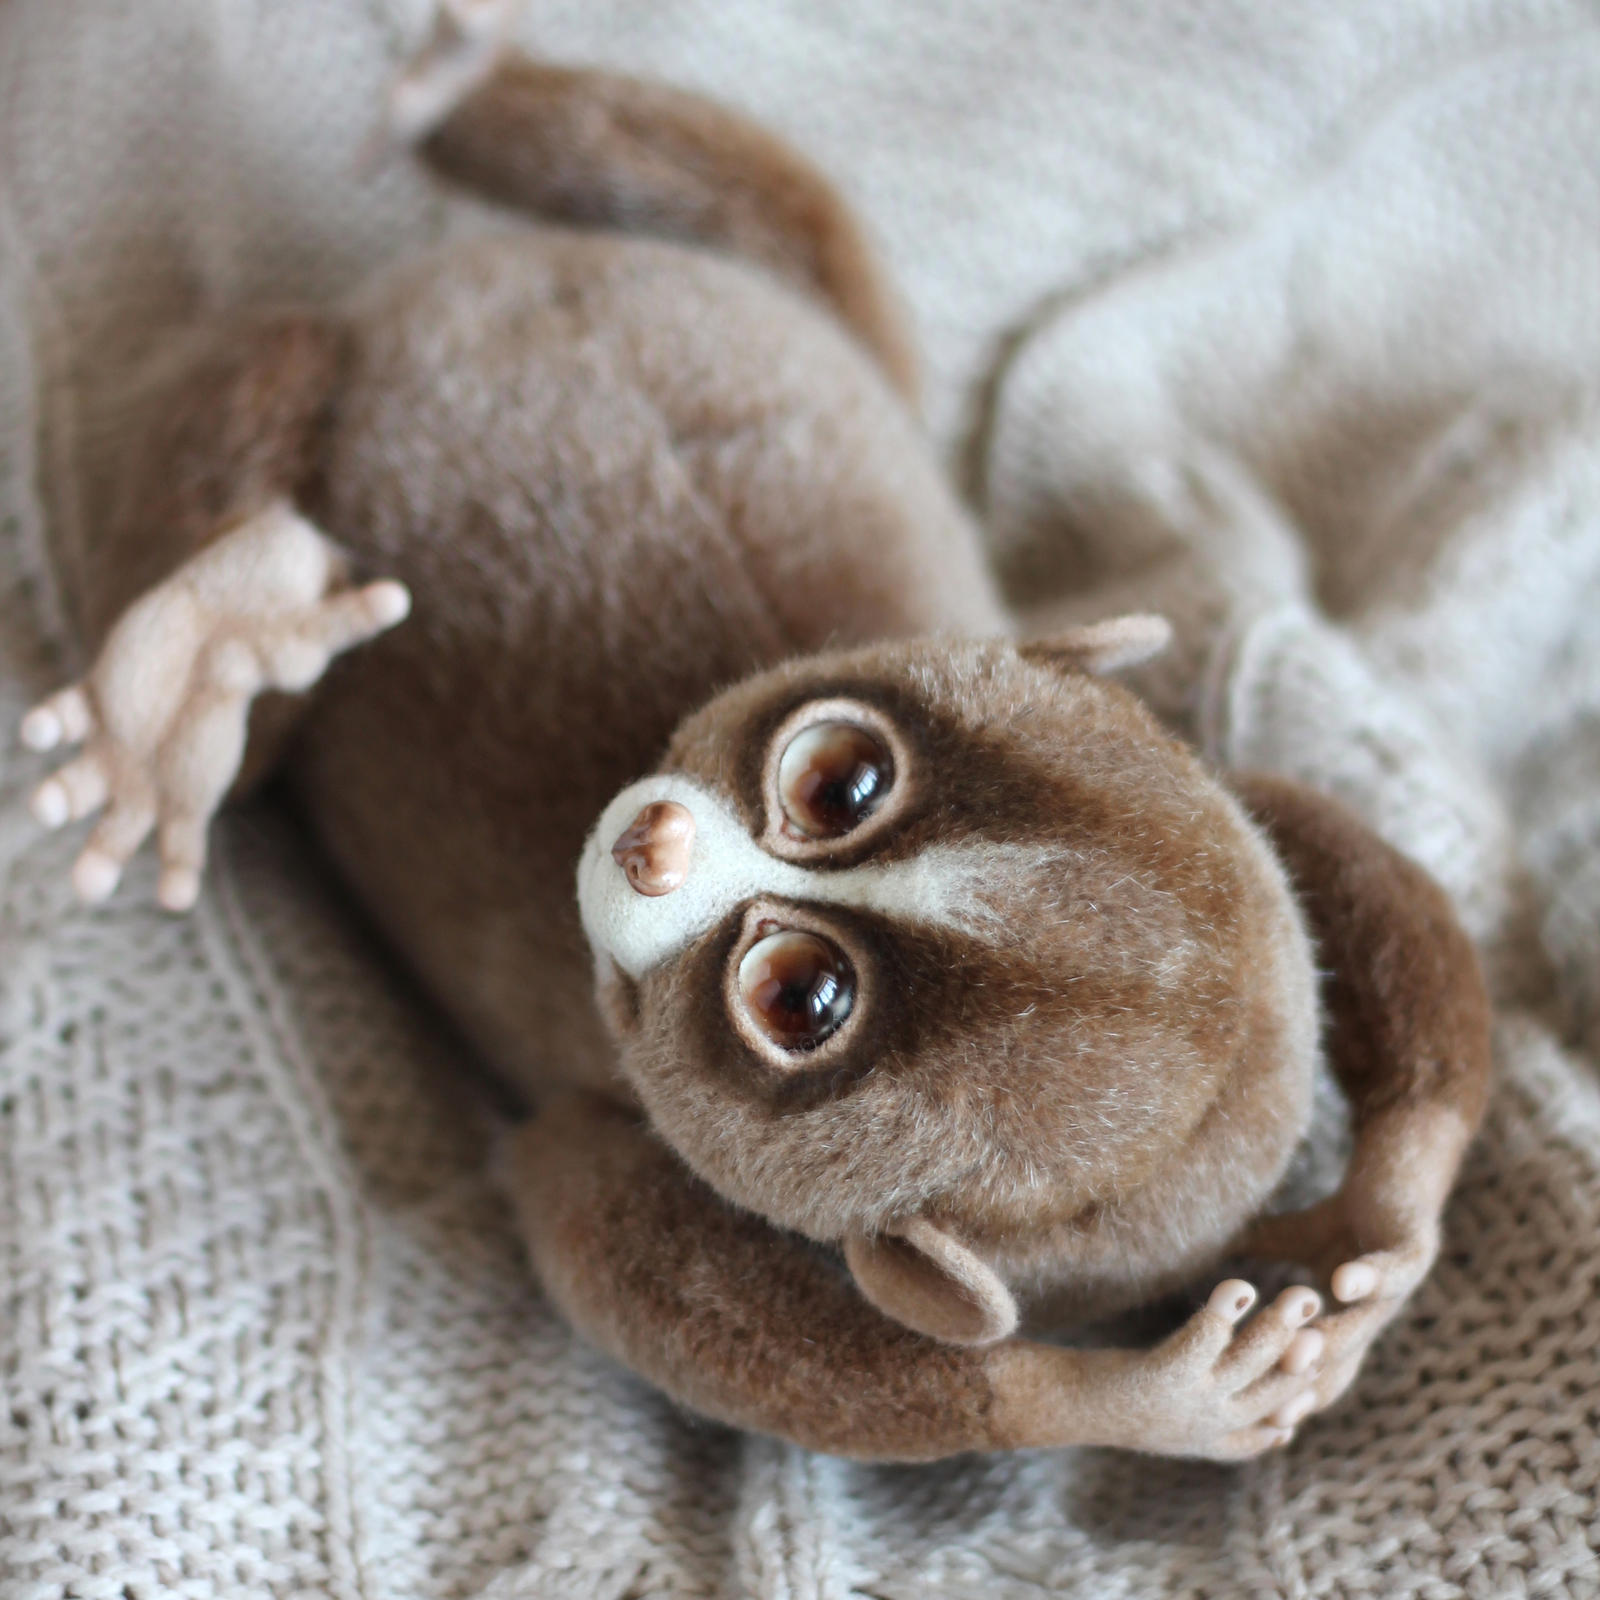 Loris Stuffed Toy By Irentoys On Deviantart